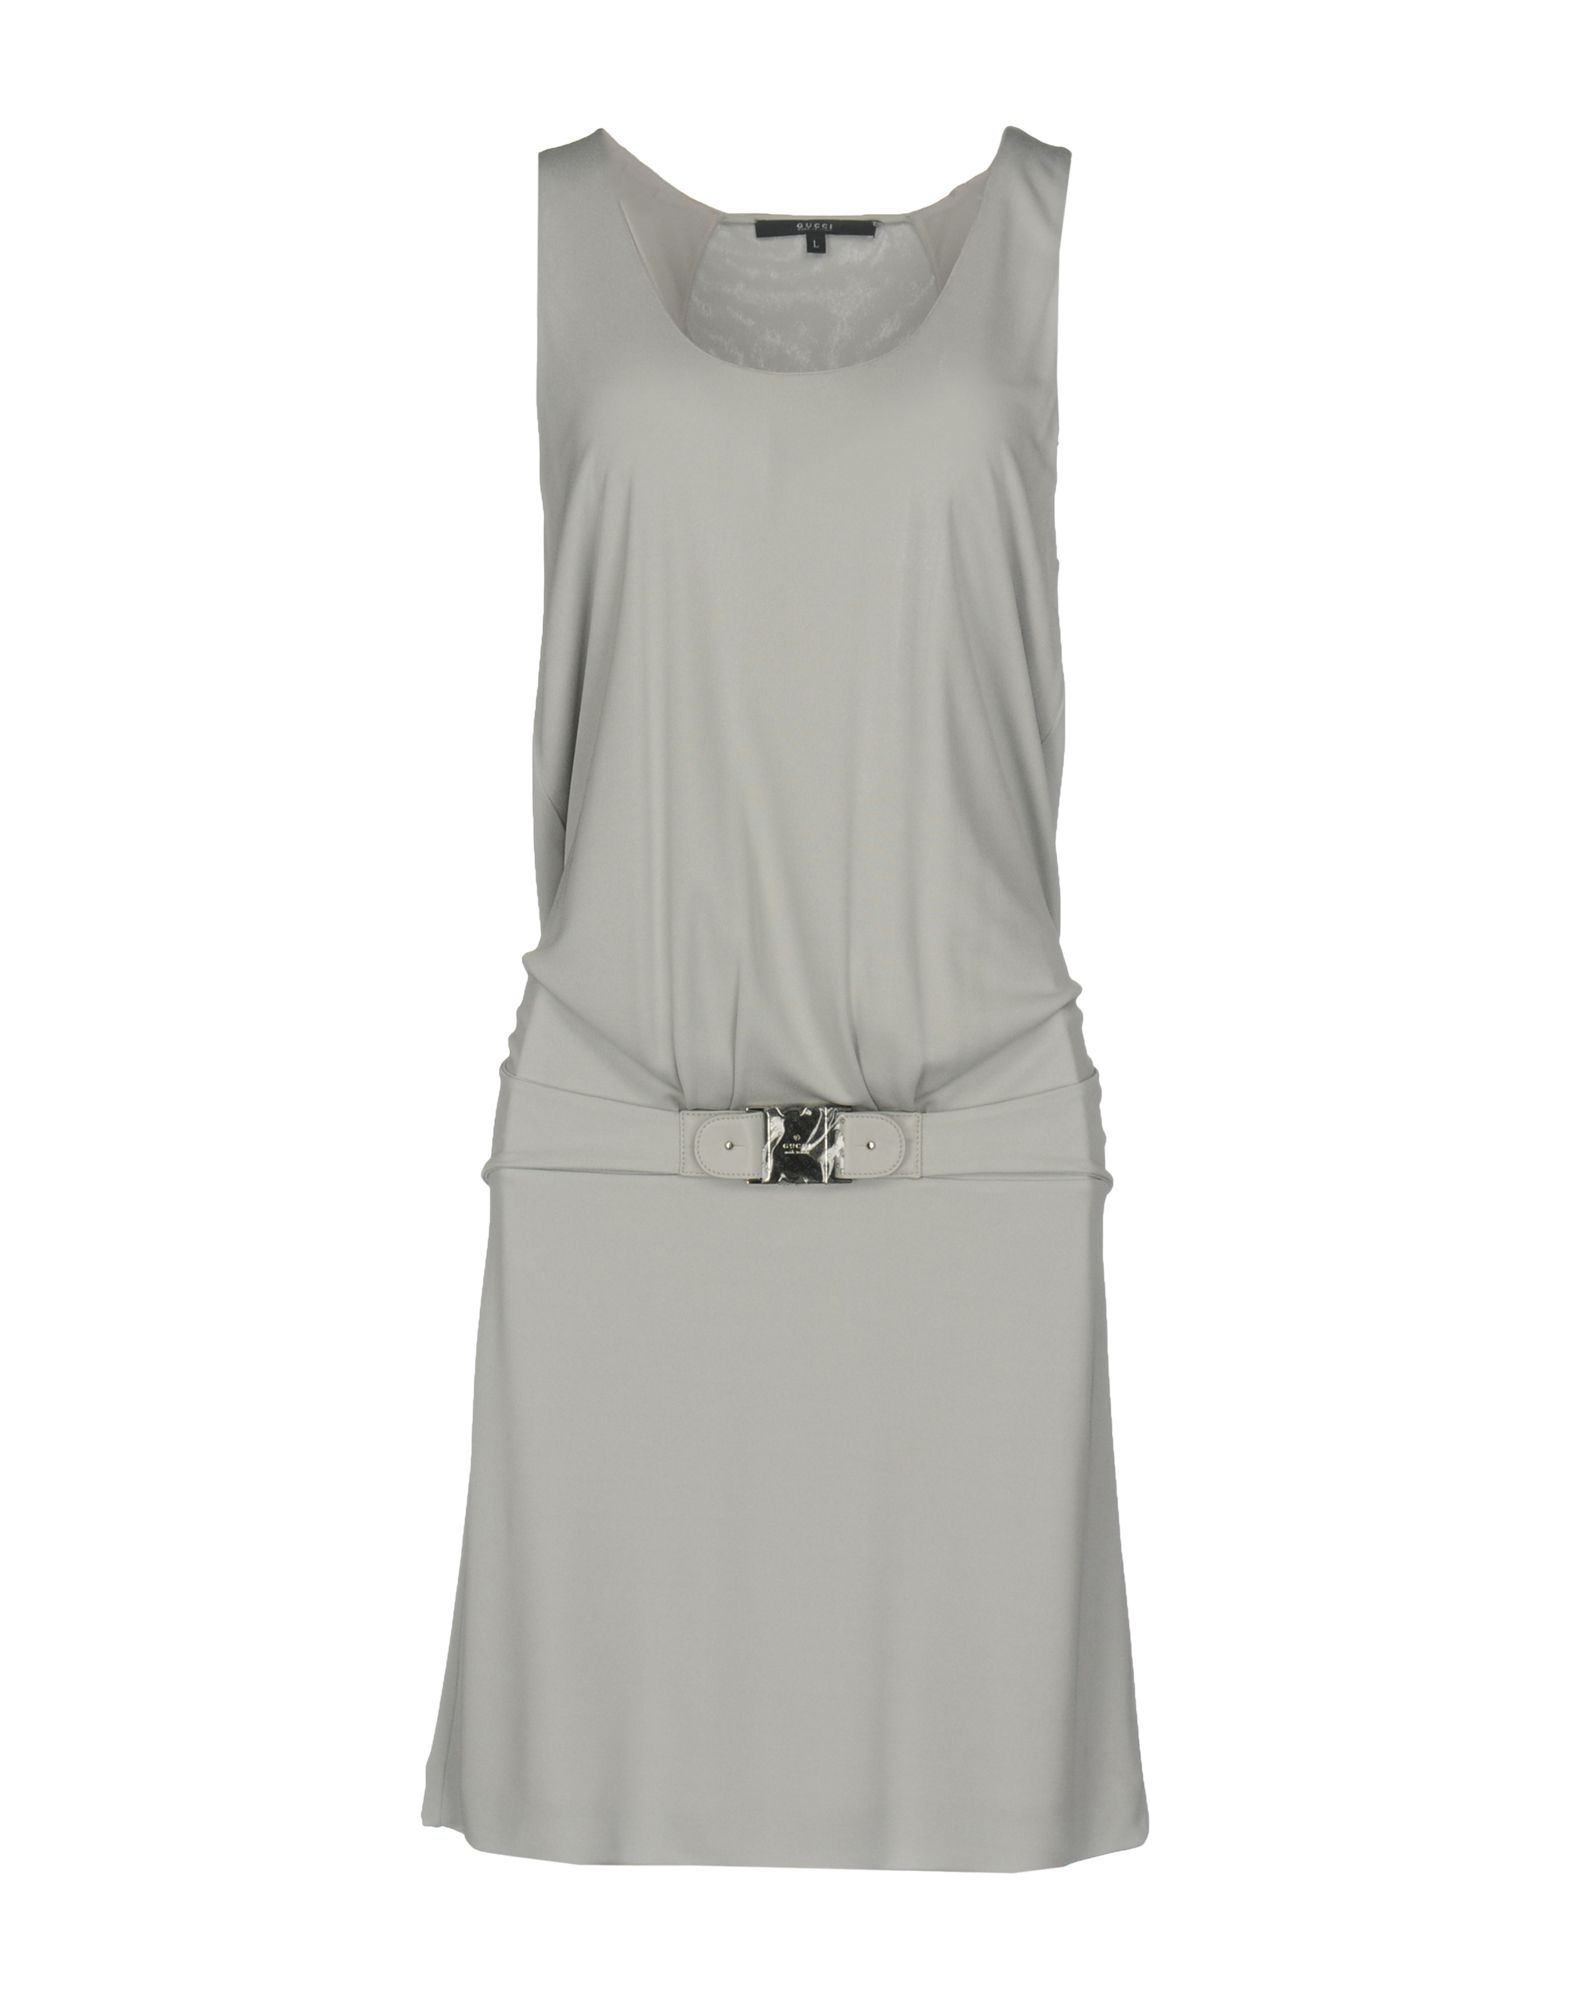 GUCCI Damen Kurzes Kleid Farbe Hellgrau Größe 6